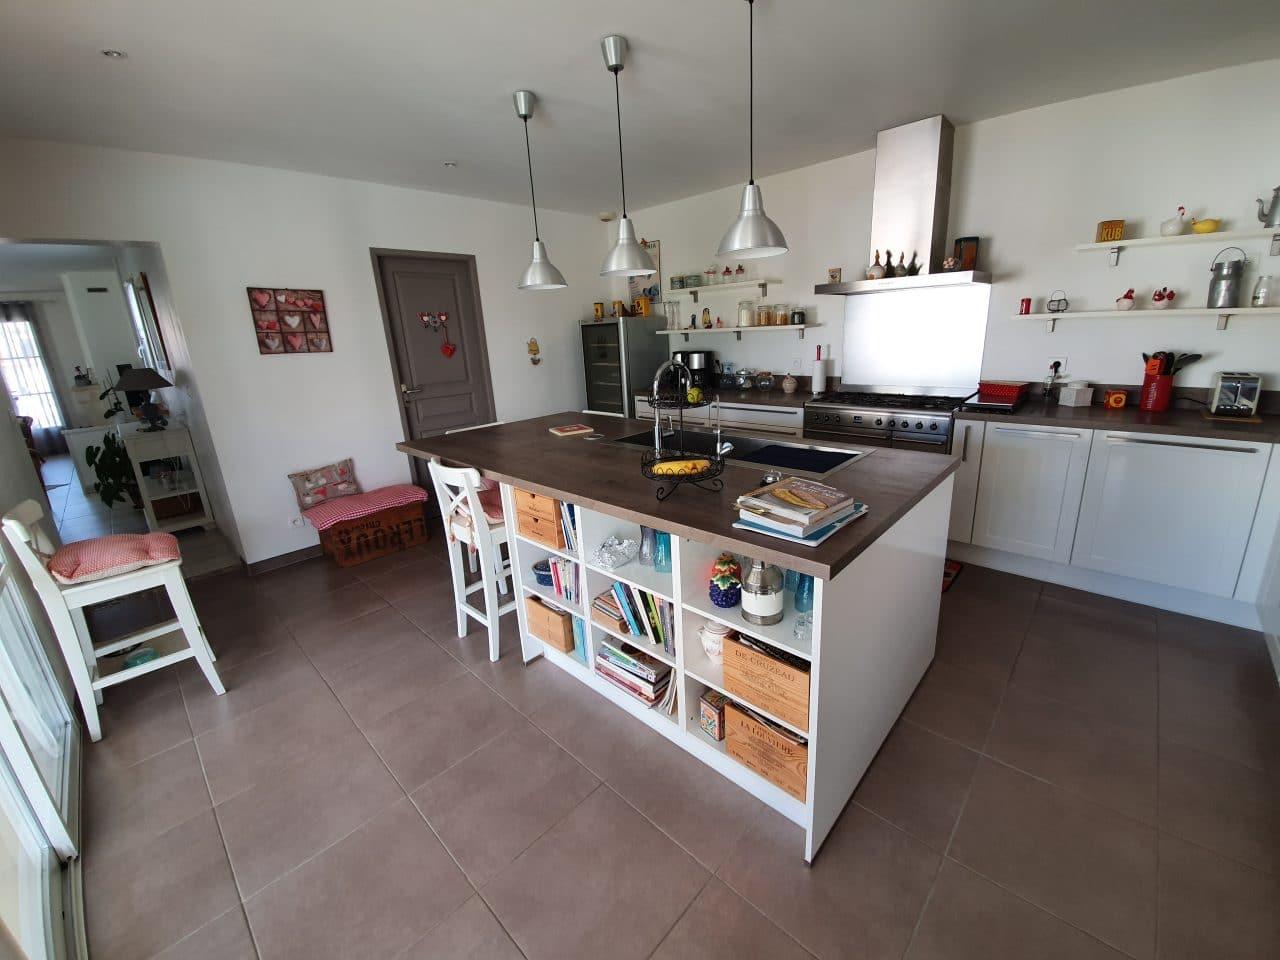 création rénovation cuisine électroménager carrelage peinture îlot central hotte Angoulême